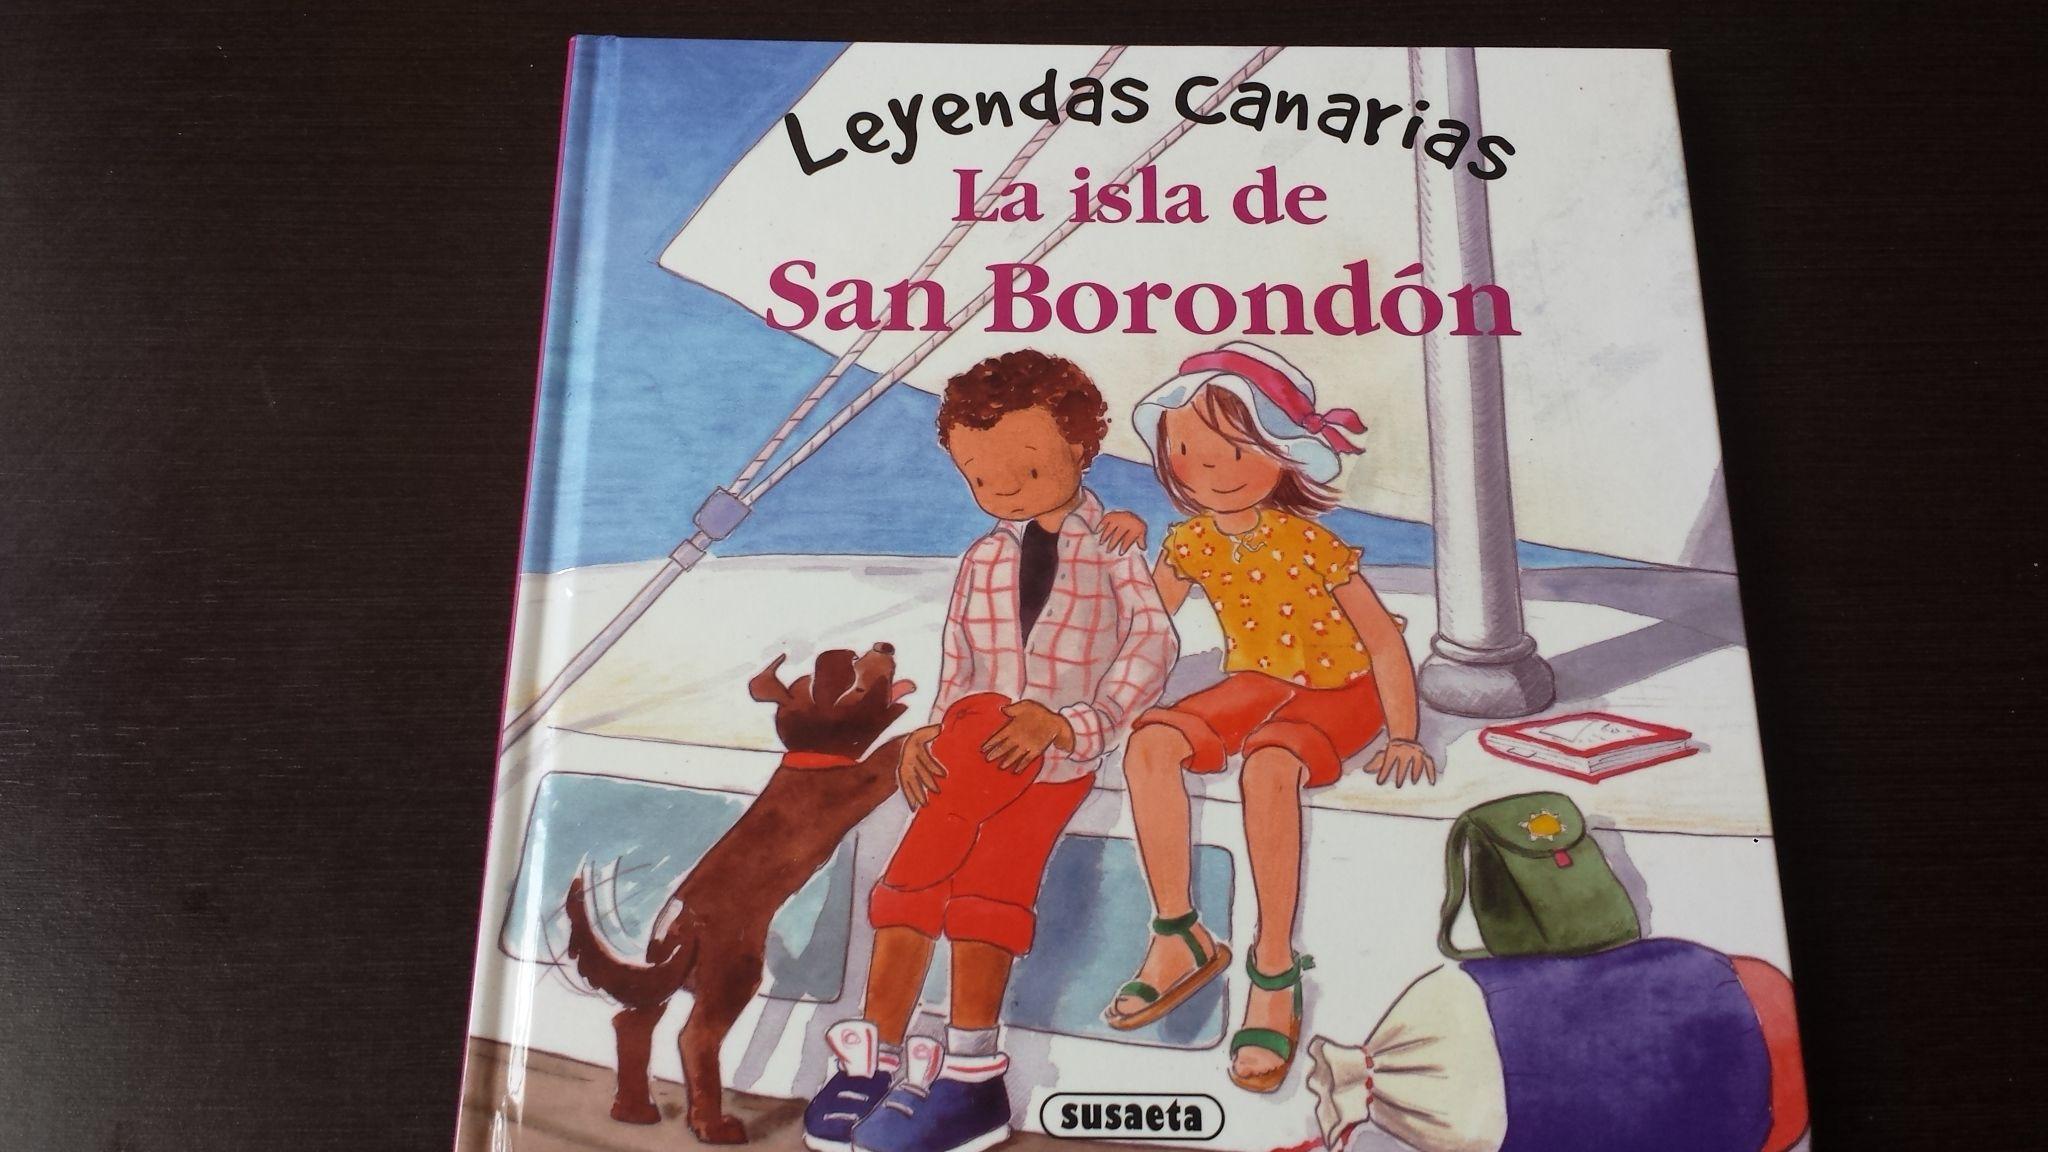 La Isla De San Borondón Leyendas Canarias Susaeta Disponible Para Su Compra En Mi Perfil De Todocolección Adjunto Enl San Borondon Leyendas Día De Canarias